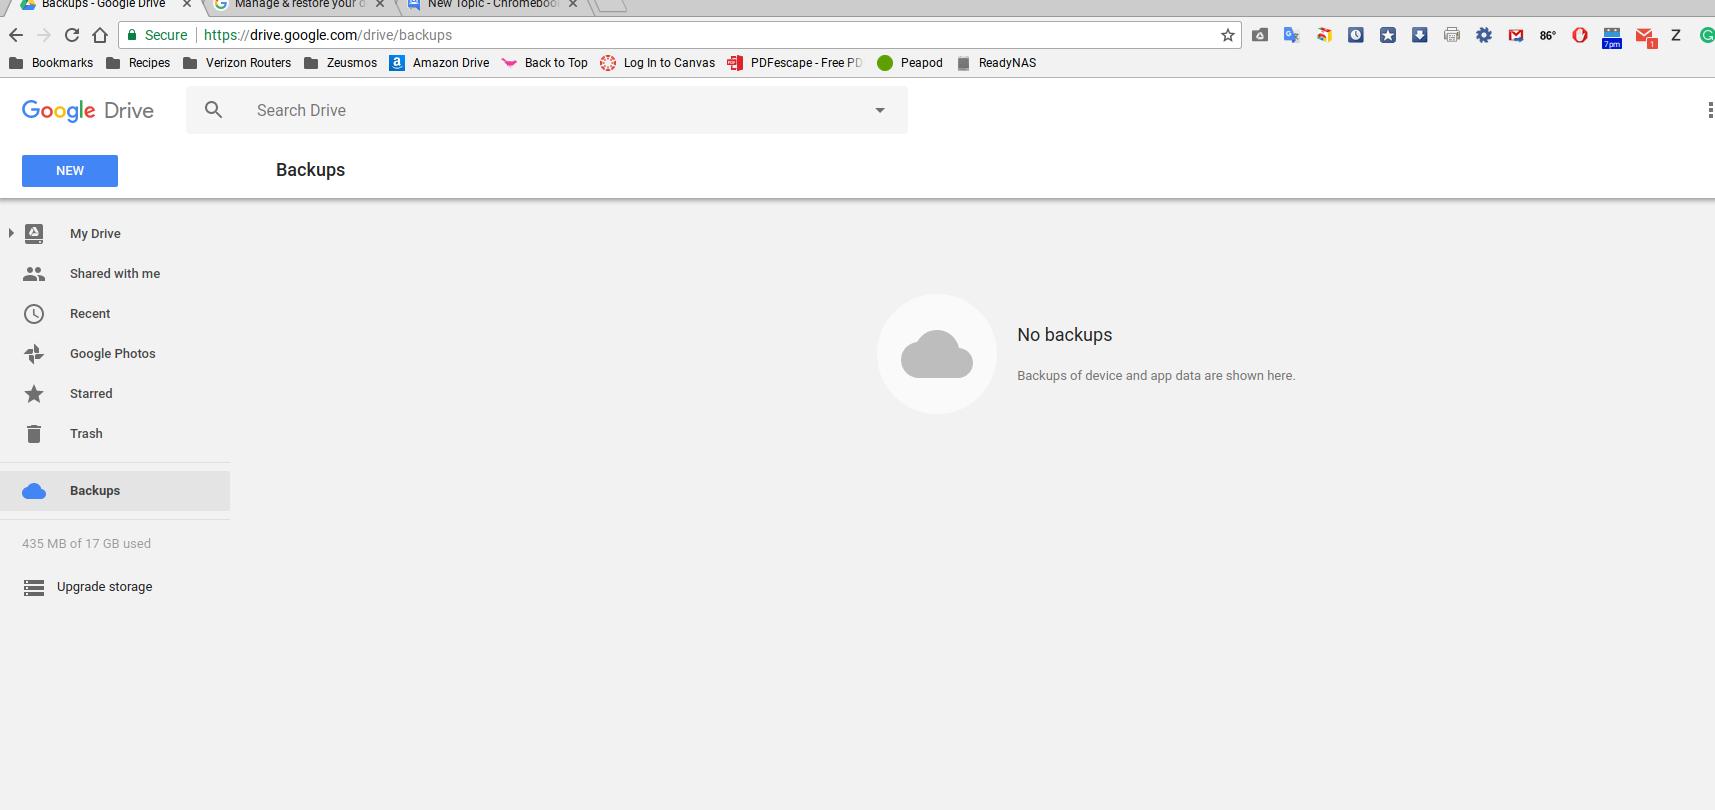 backup chromebook to backups in google drive - Chromebook Help